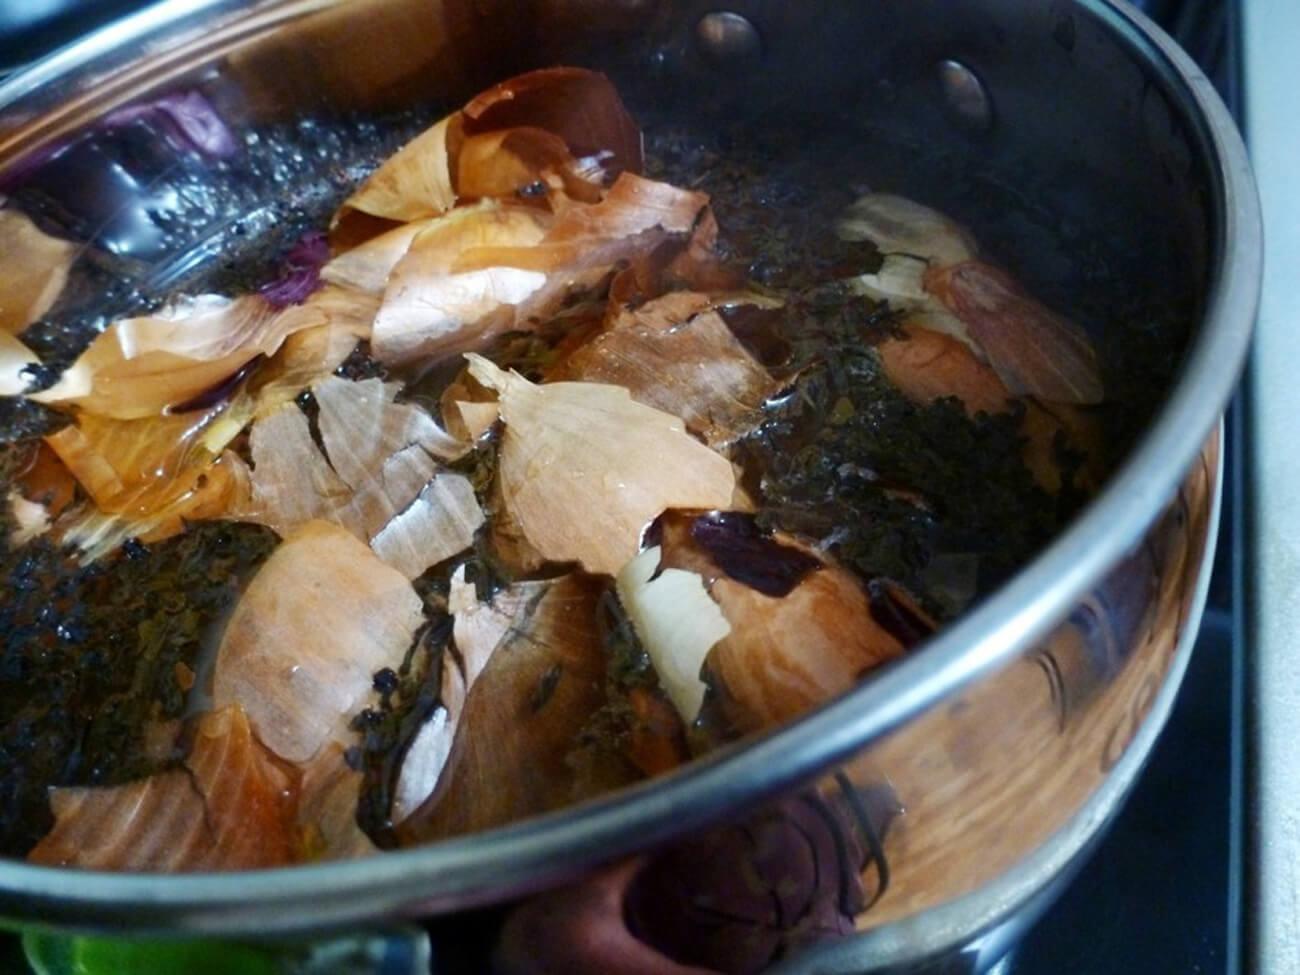 Большую пригоршню луковой шелухи хорошо промыть под проточной водой. Кипятить 5 минут. Затем оставить рассол охлаждаться